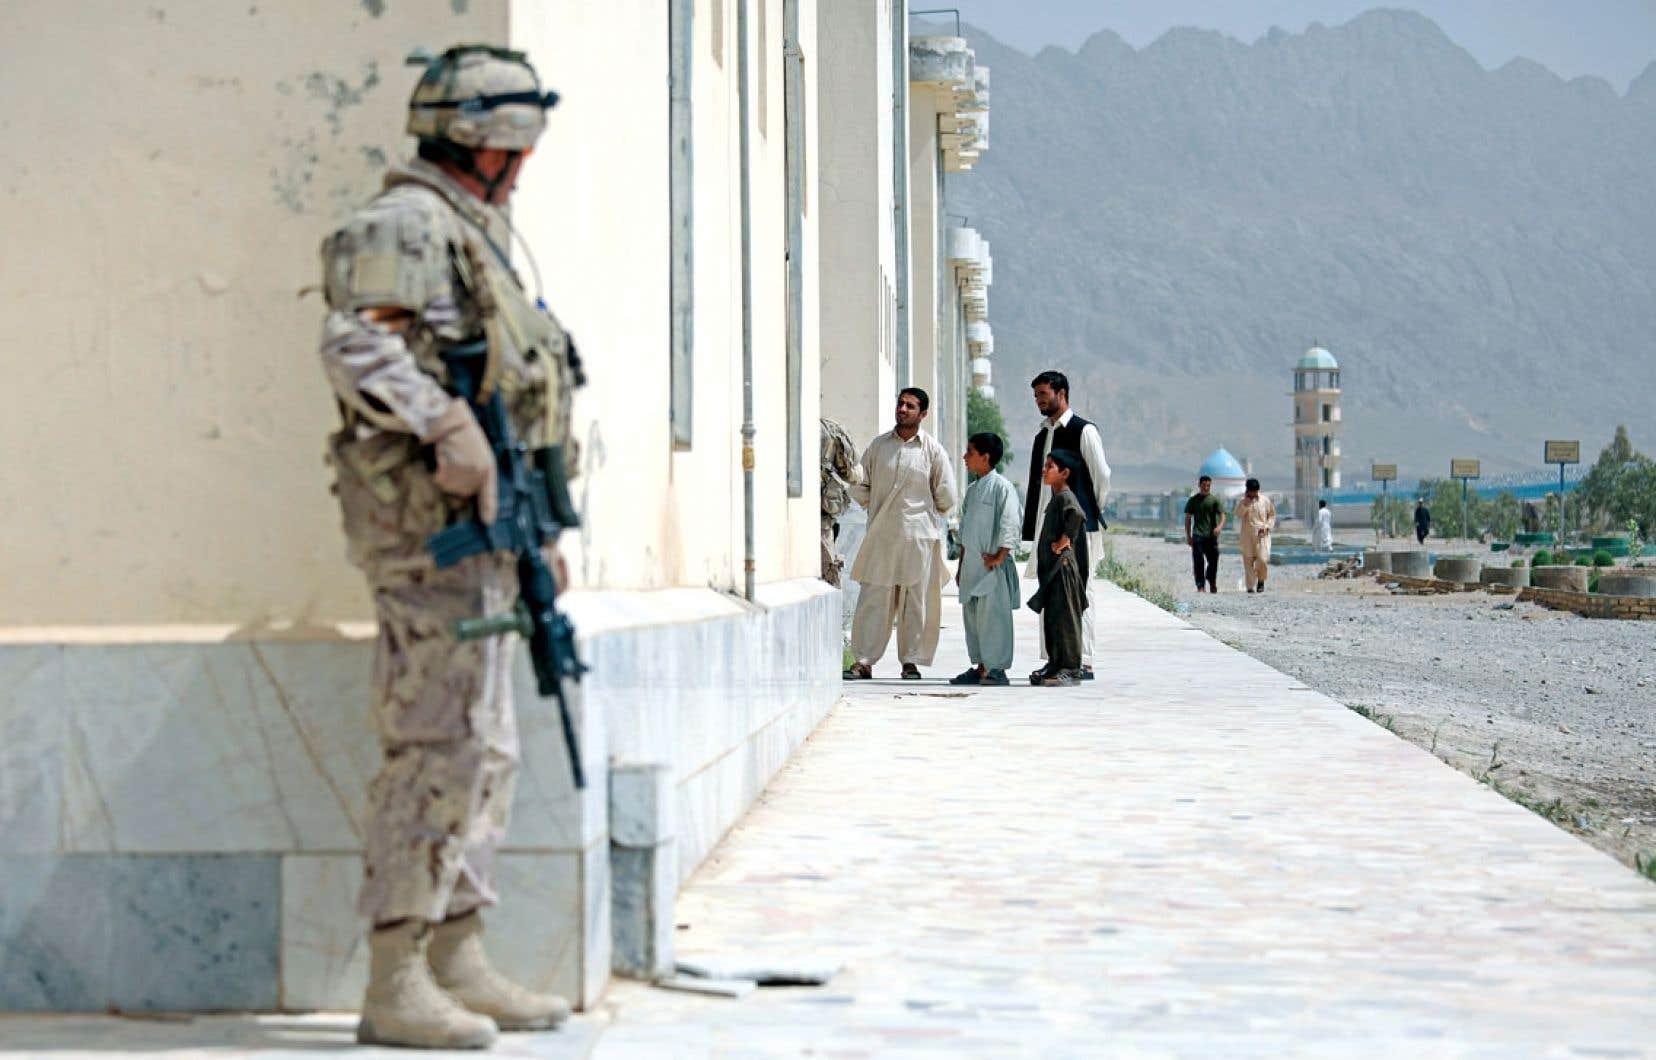 Le Canada devrait se sentir coupable, estime l'ex-journaliste Graeme Smith, sinon pour sa participation à la guerre en Afghanistan, du moins pour la situation qu'il laisse derrière lui.